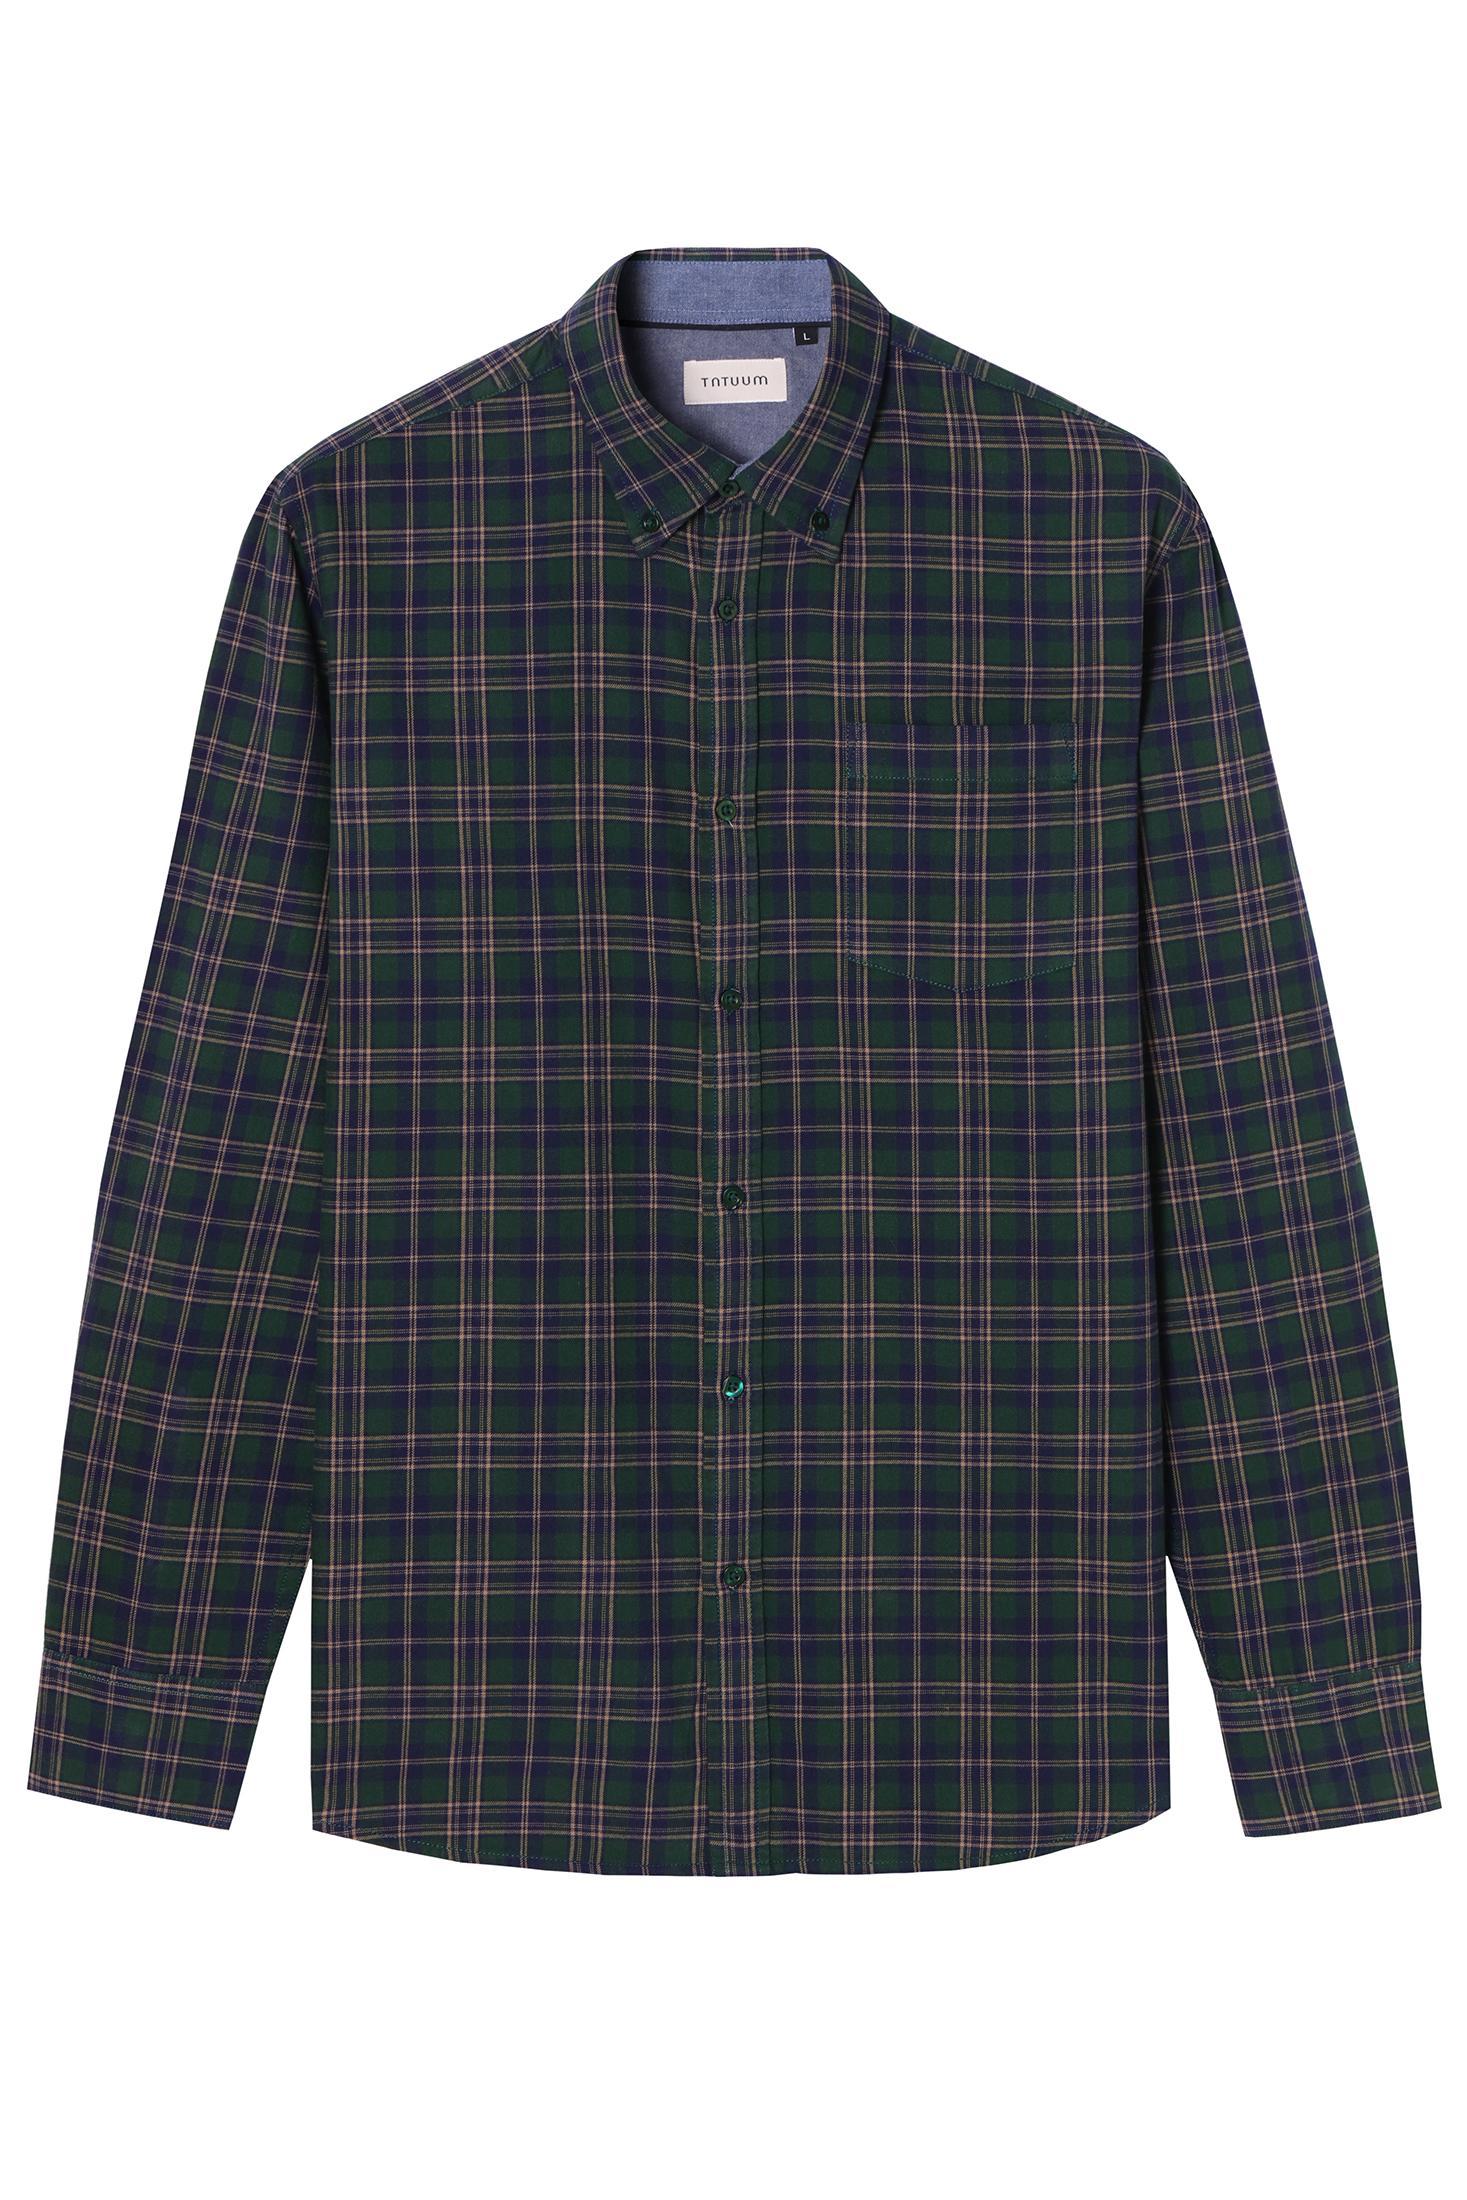 koszula męska długi r. CHARLES 21 CLASSIC